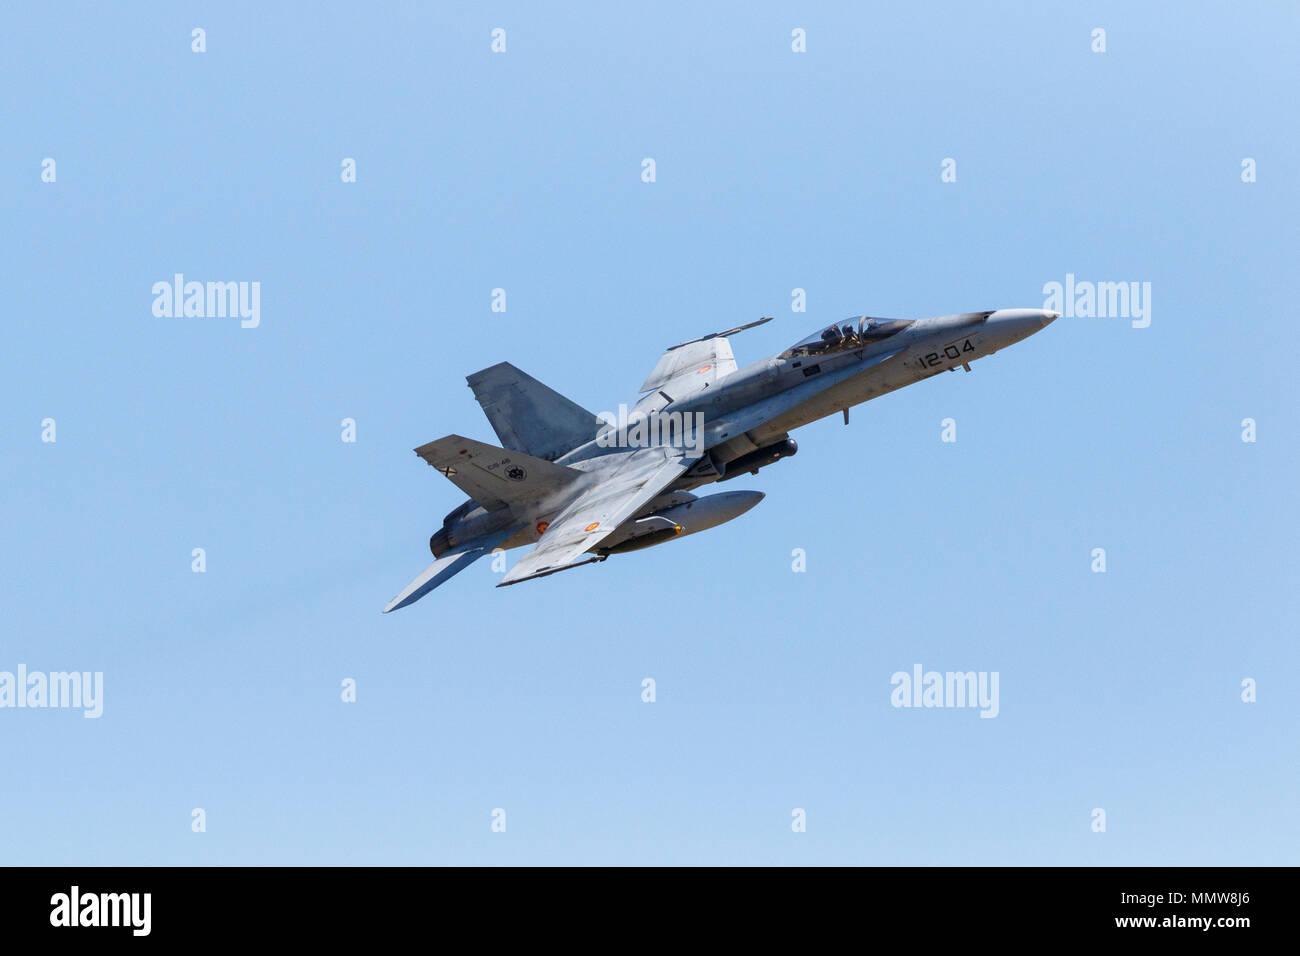 """F-18. Manovre Militari a Bardenas Reales poligono di tiro. Operazione """"Tormenta 2018'. Zona militare. Bardenas Reales. Navarra. Spagna. L'Europa. 09/05/ Immagini Stock"""